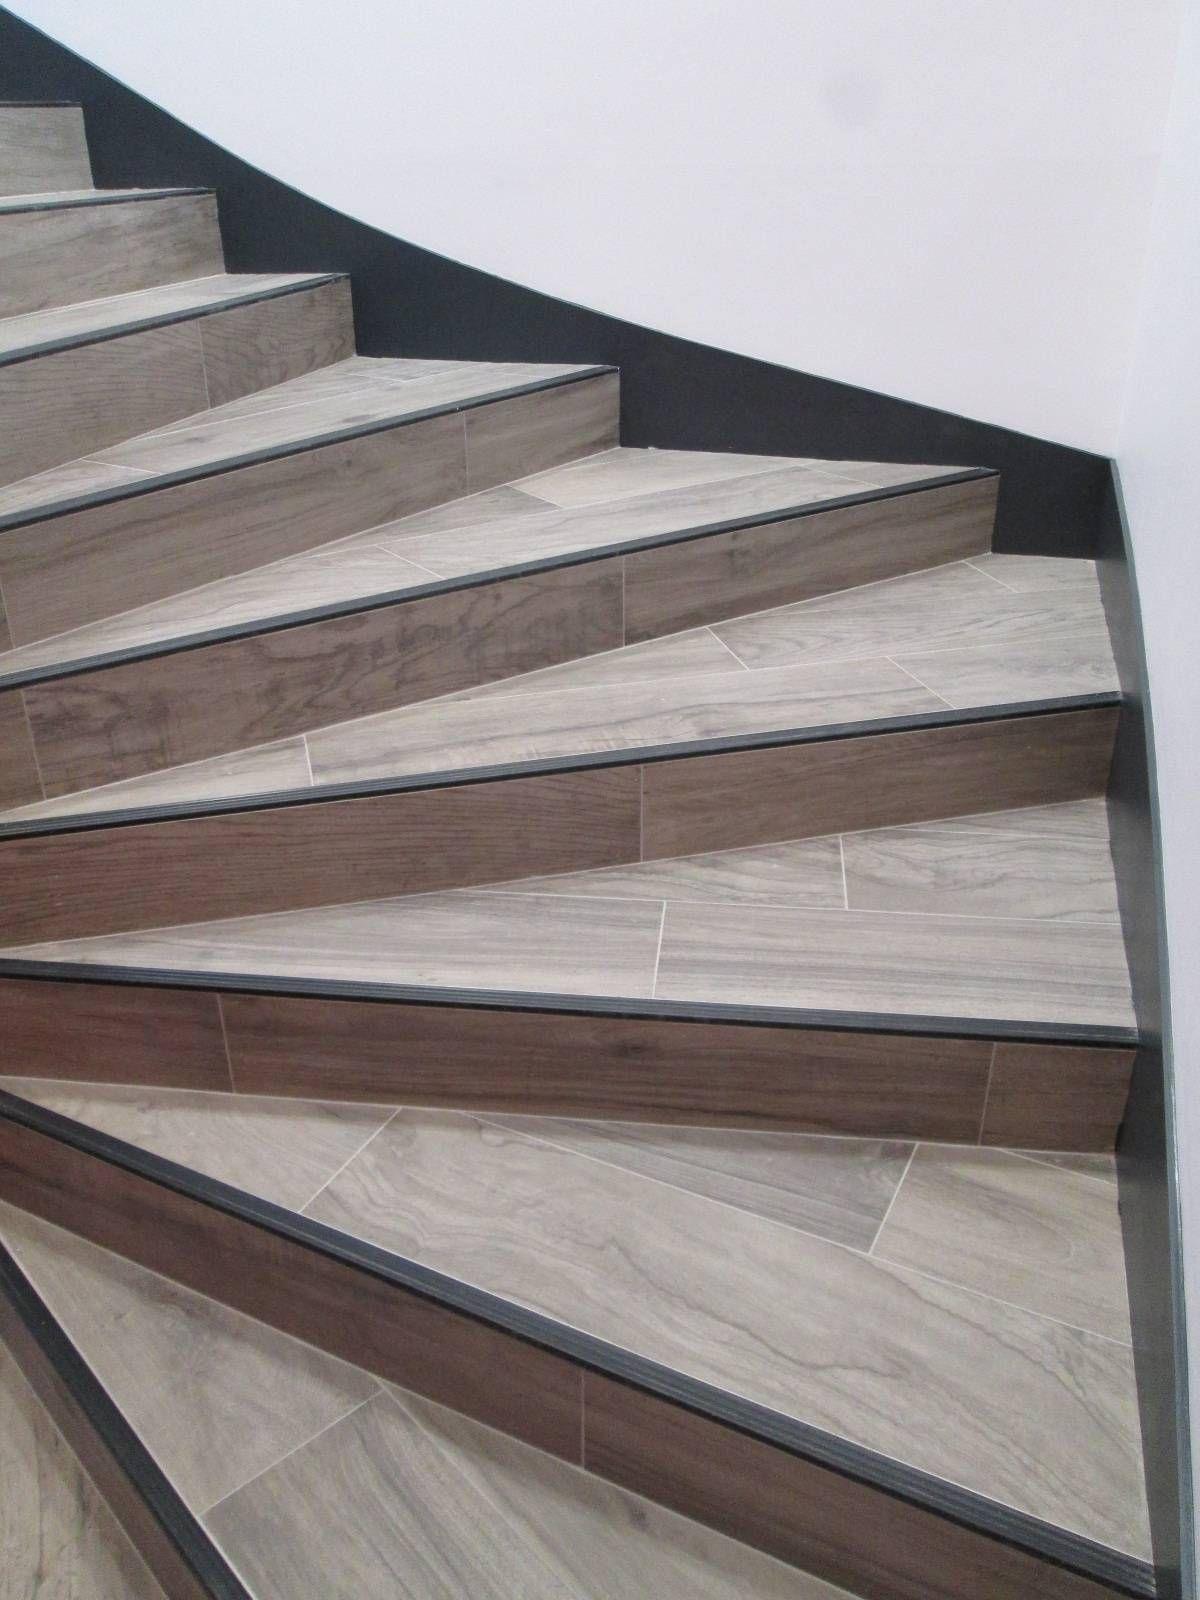 Nez De Marche Escalier Carrelage Escalier Avec Nez Marche En 2020 Escalier Carrelage Escalier Carrele Nez De Marche